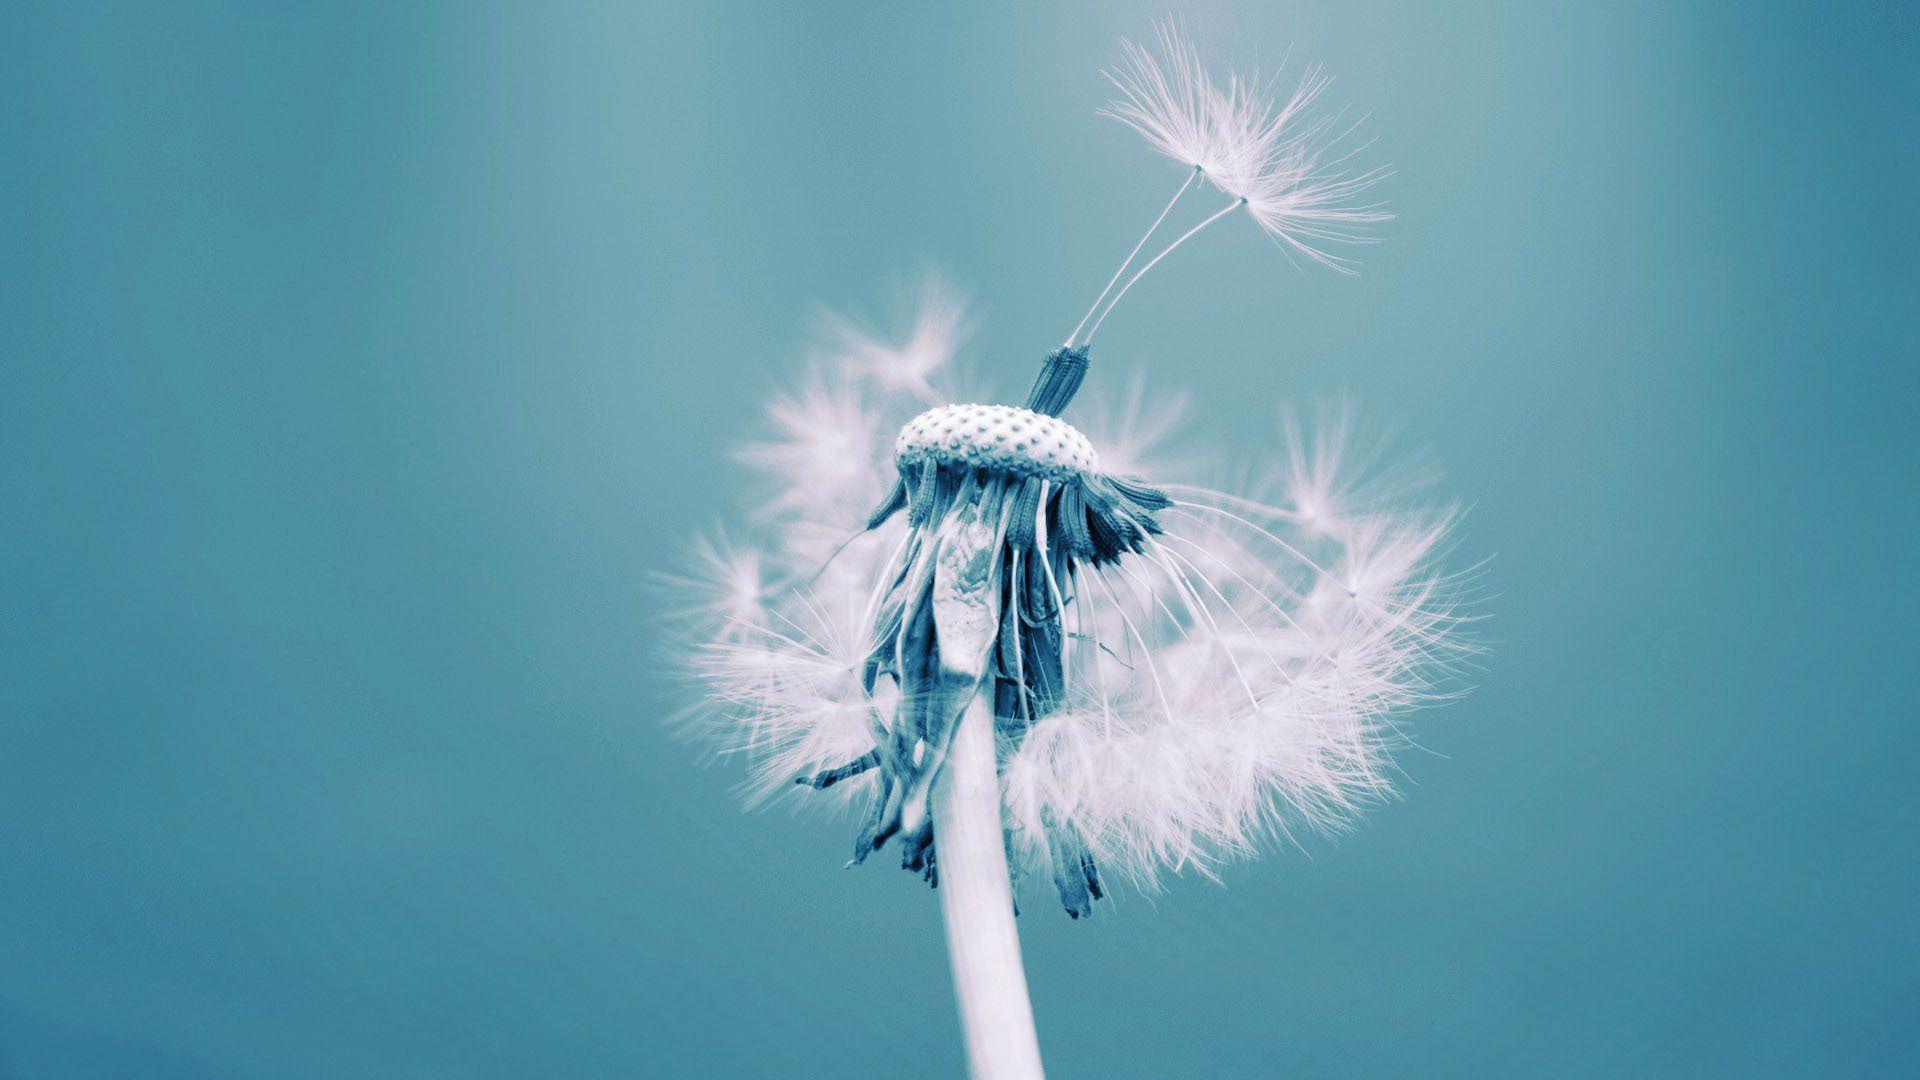 Canh hoa rất nhẹ nên rất dễ bị thổi bay